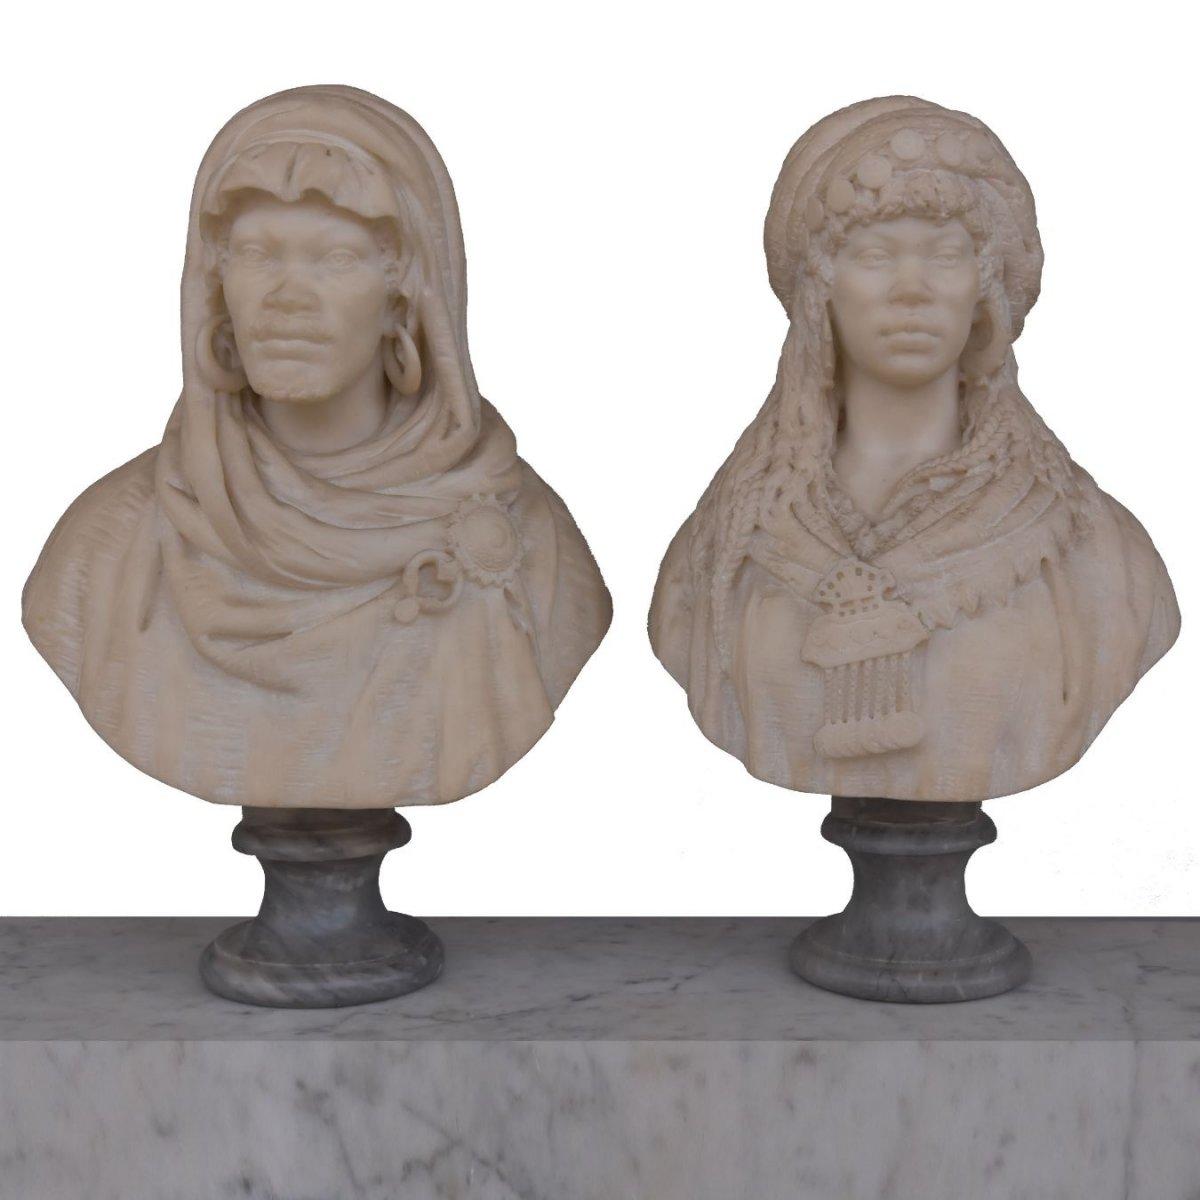 Pair Of Orientalist Busts In Nineteenth Carrara Marble